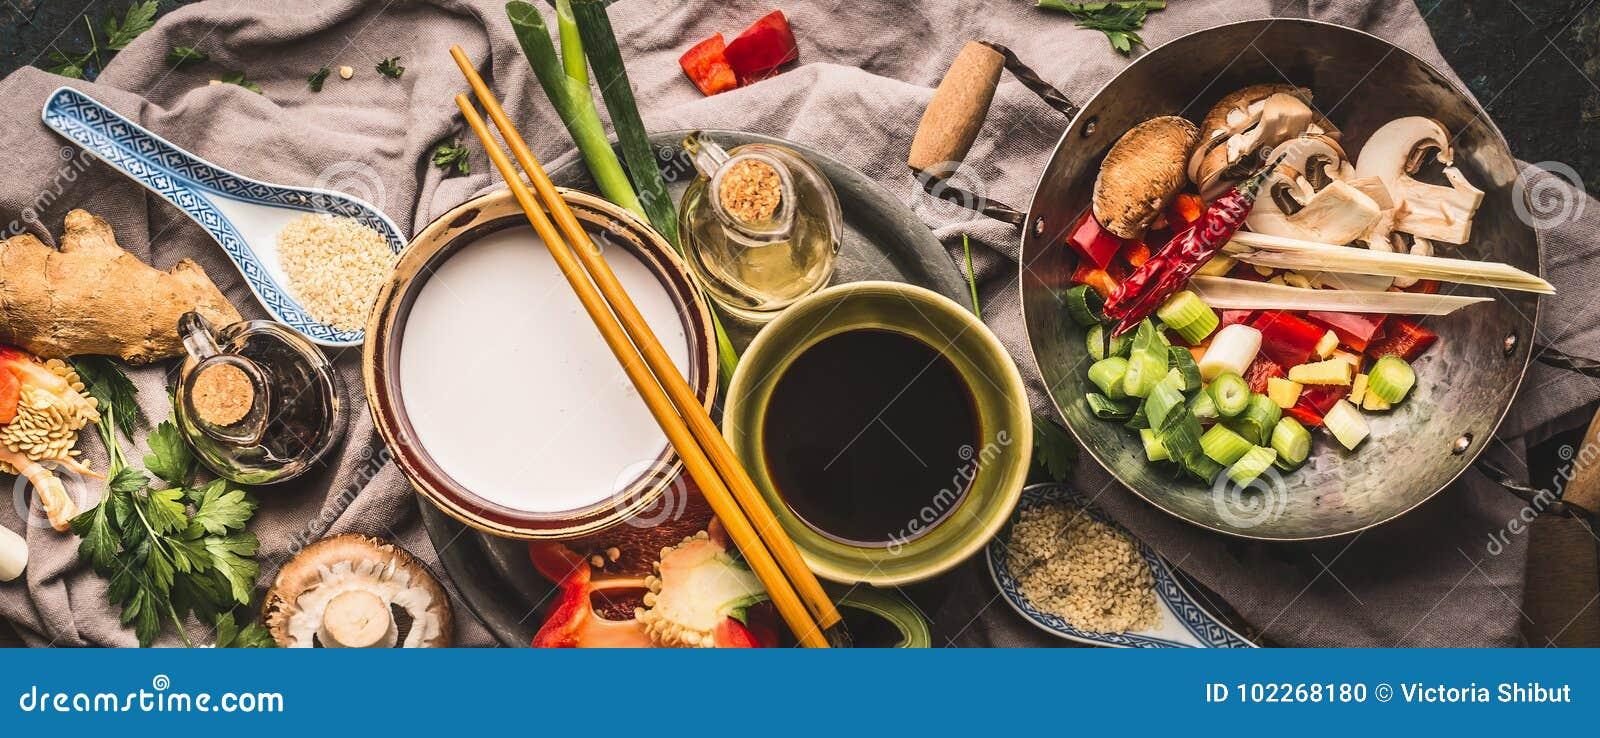 De vegetariër beweegt gebraden gerechtingrediënten: gehakte groenten, kruiden, kokosmelk, sojasaus, wok en eetstokjes, hoogste me